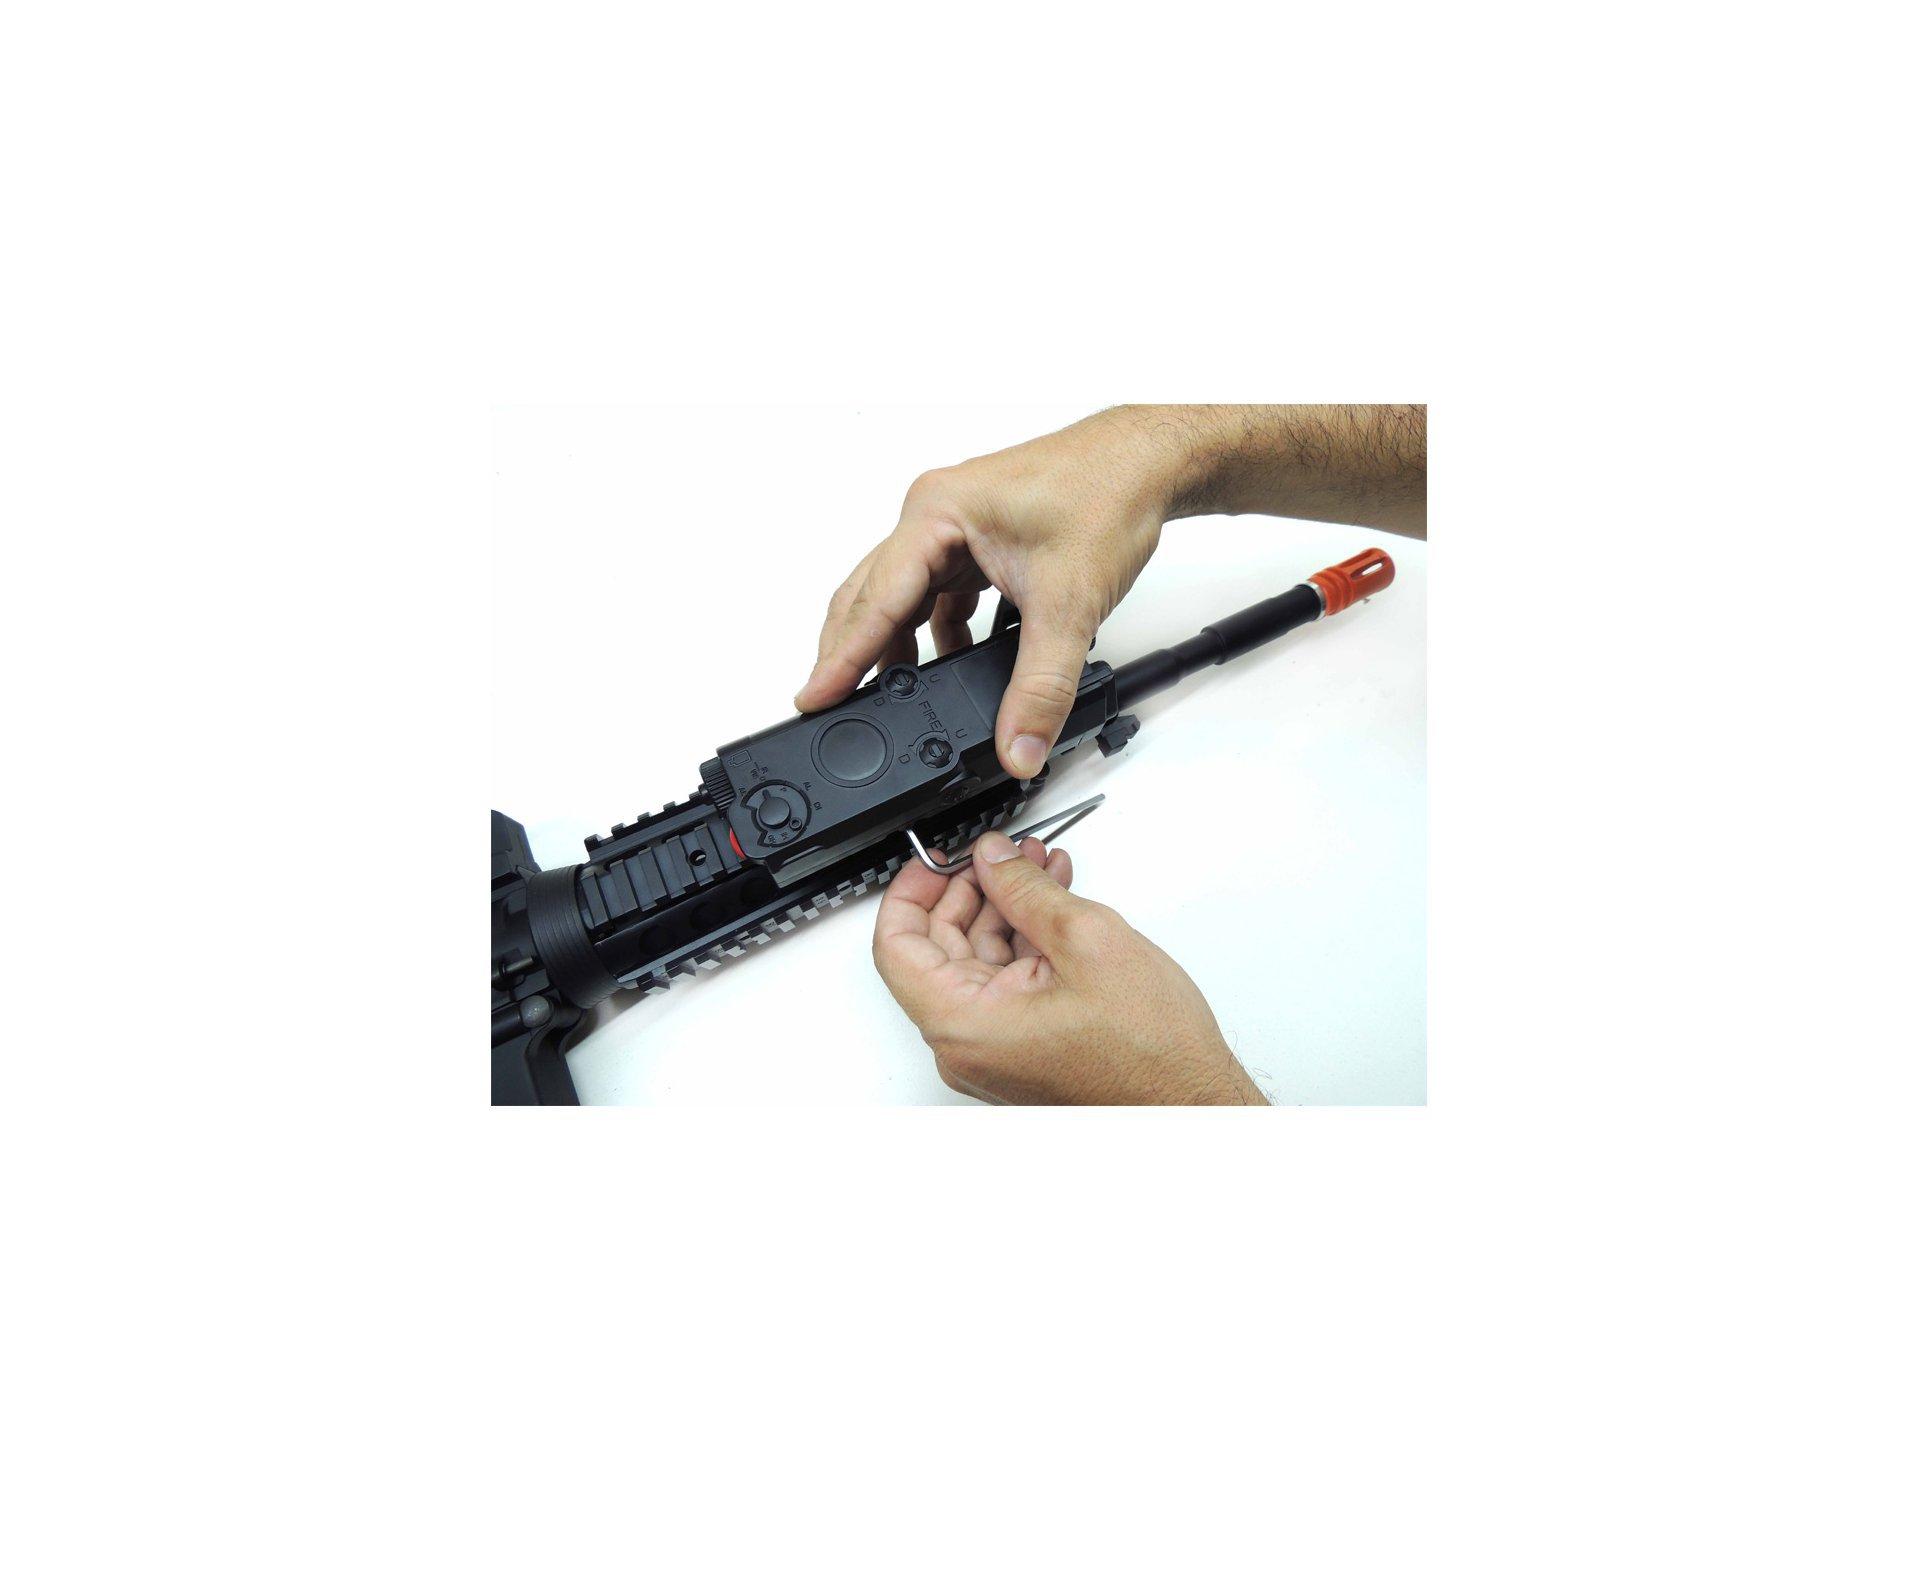 Rifle De Airsoft Colt M4 Ris - Cal 6,0mm - King Arms + Pistola Colt 25